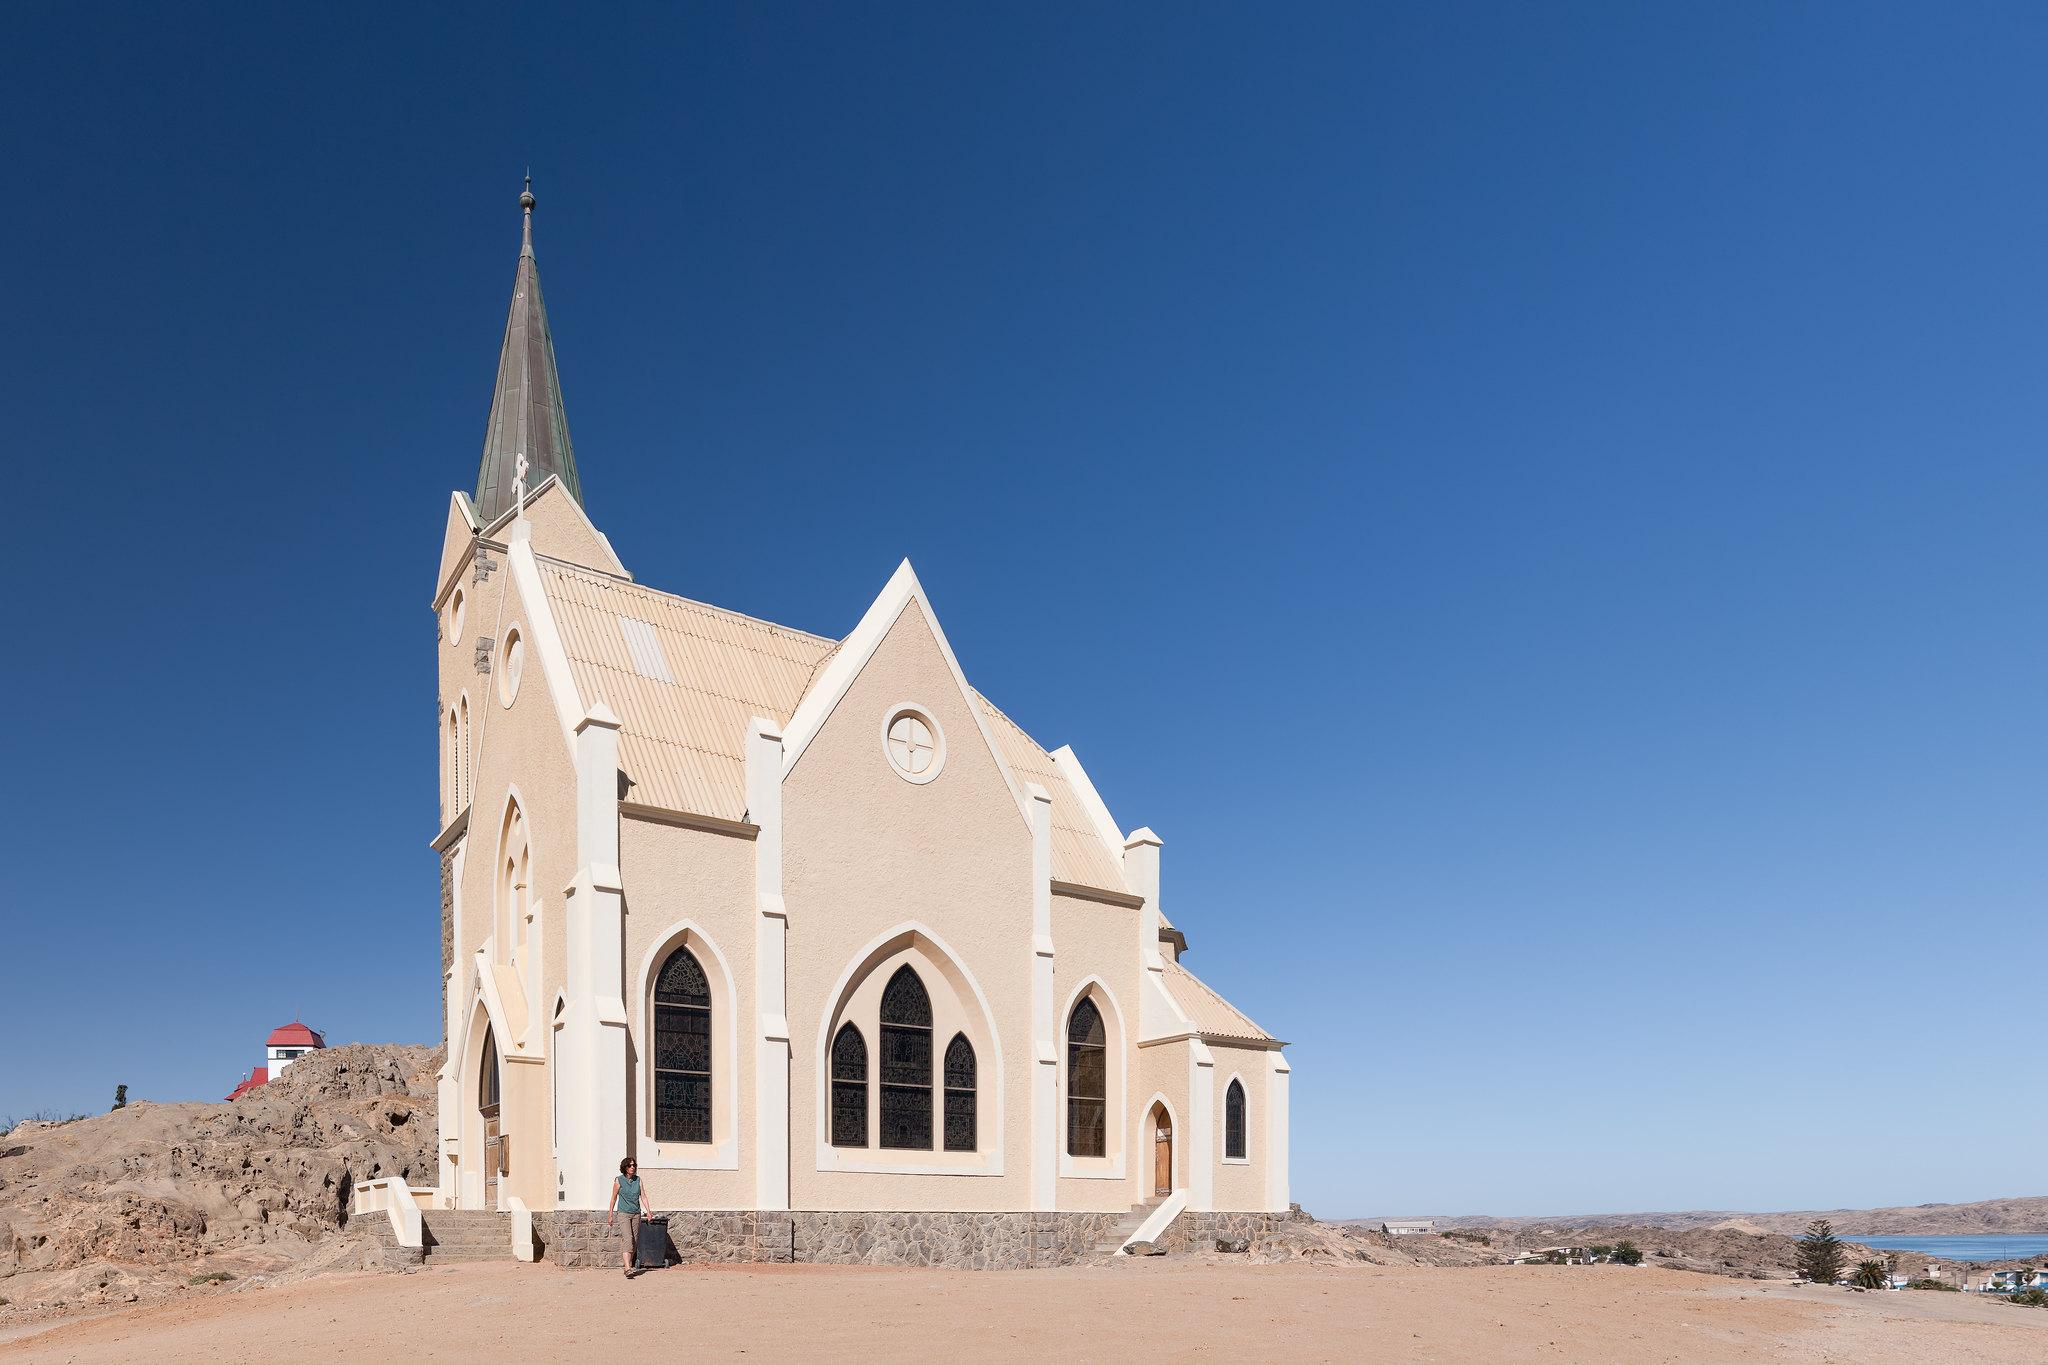 Felsenkirche in Lüderitz